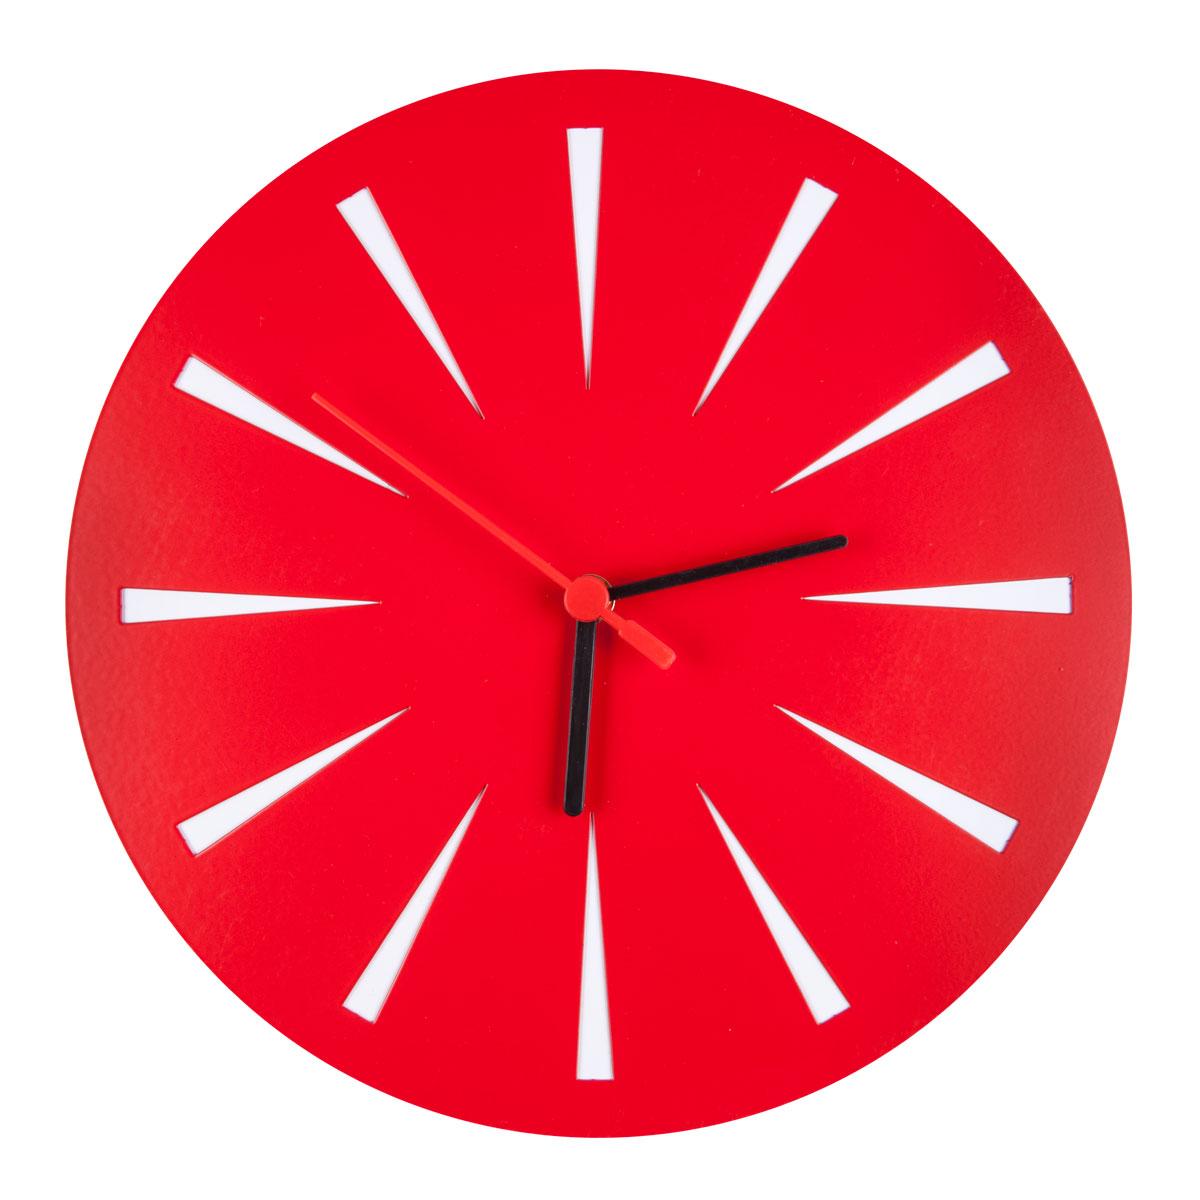 Часы настенные Miolla, цвет: красныйCH011Оригинальные настенные часы круглой формы выполнены из стали. Часы имеют три стрелки - часовую, минутную и секундную и циферблат с цифрами. Необычное дизайнерское решение и качество исполнения придутся по вкусу каждому. Часы работают от 1 батарейки типа АА напряжением 1,5 В.